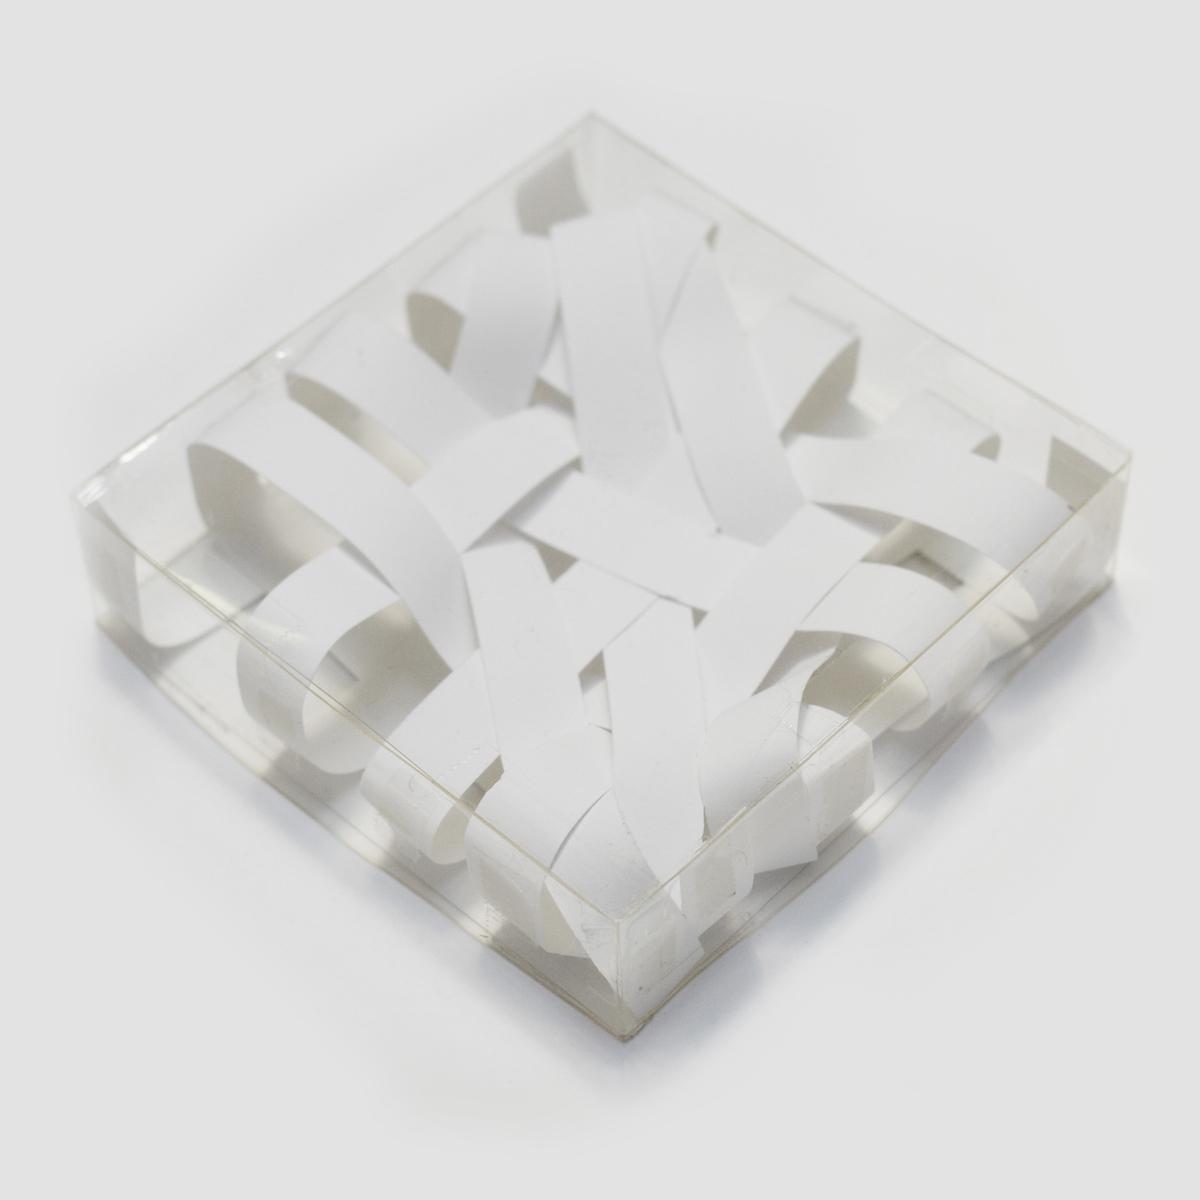 4inx4in paper model